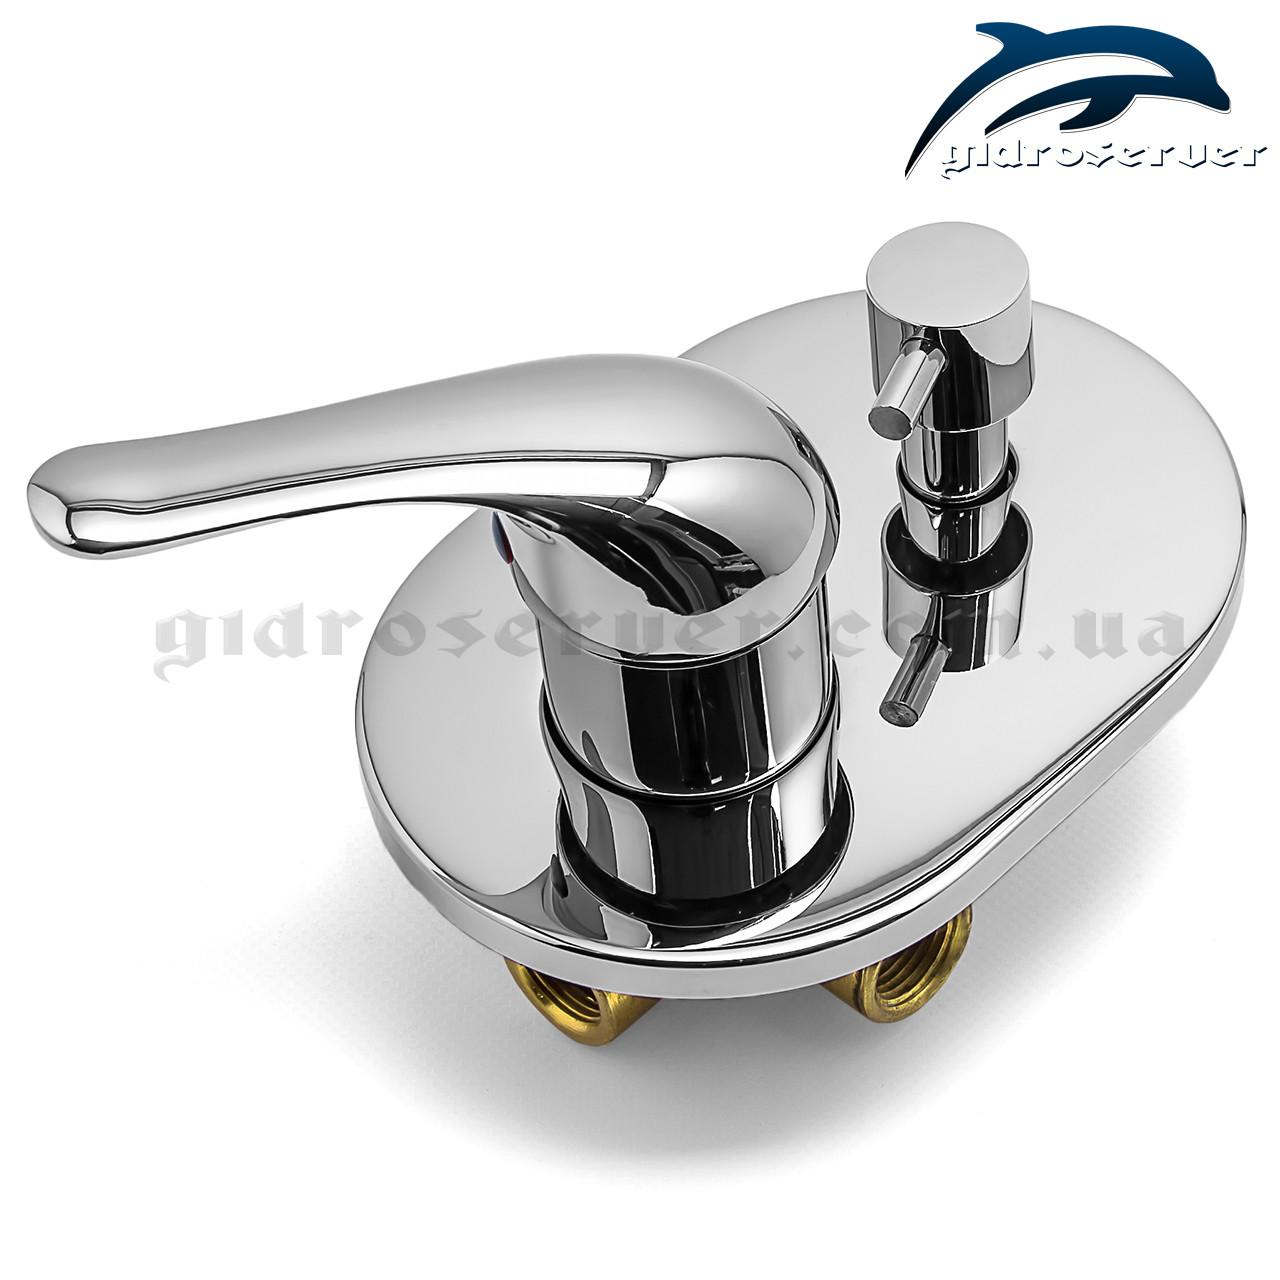 Змішувач для душу і ванни прихованого монтажу SV-02 на 2 режиму.